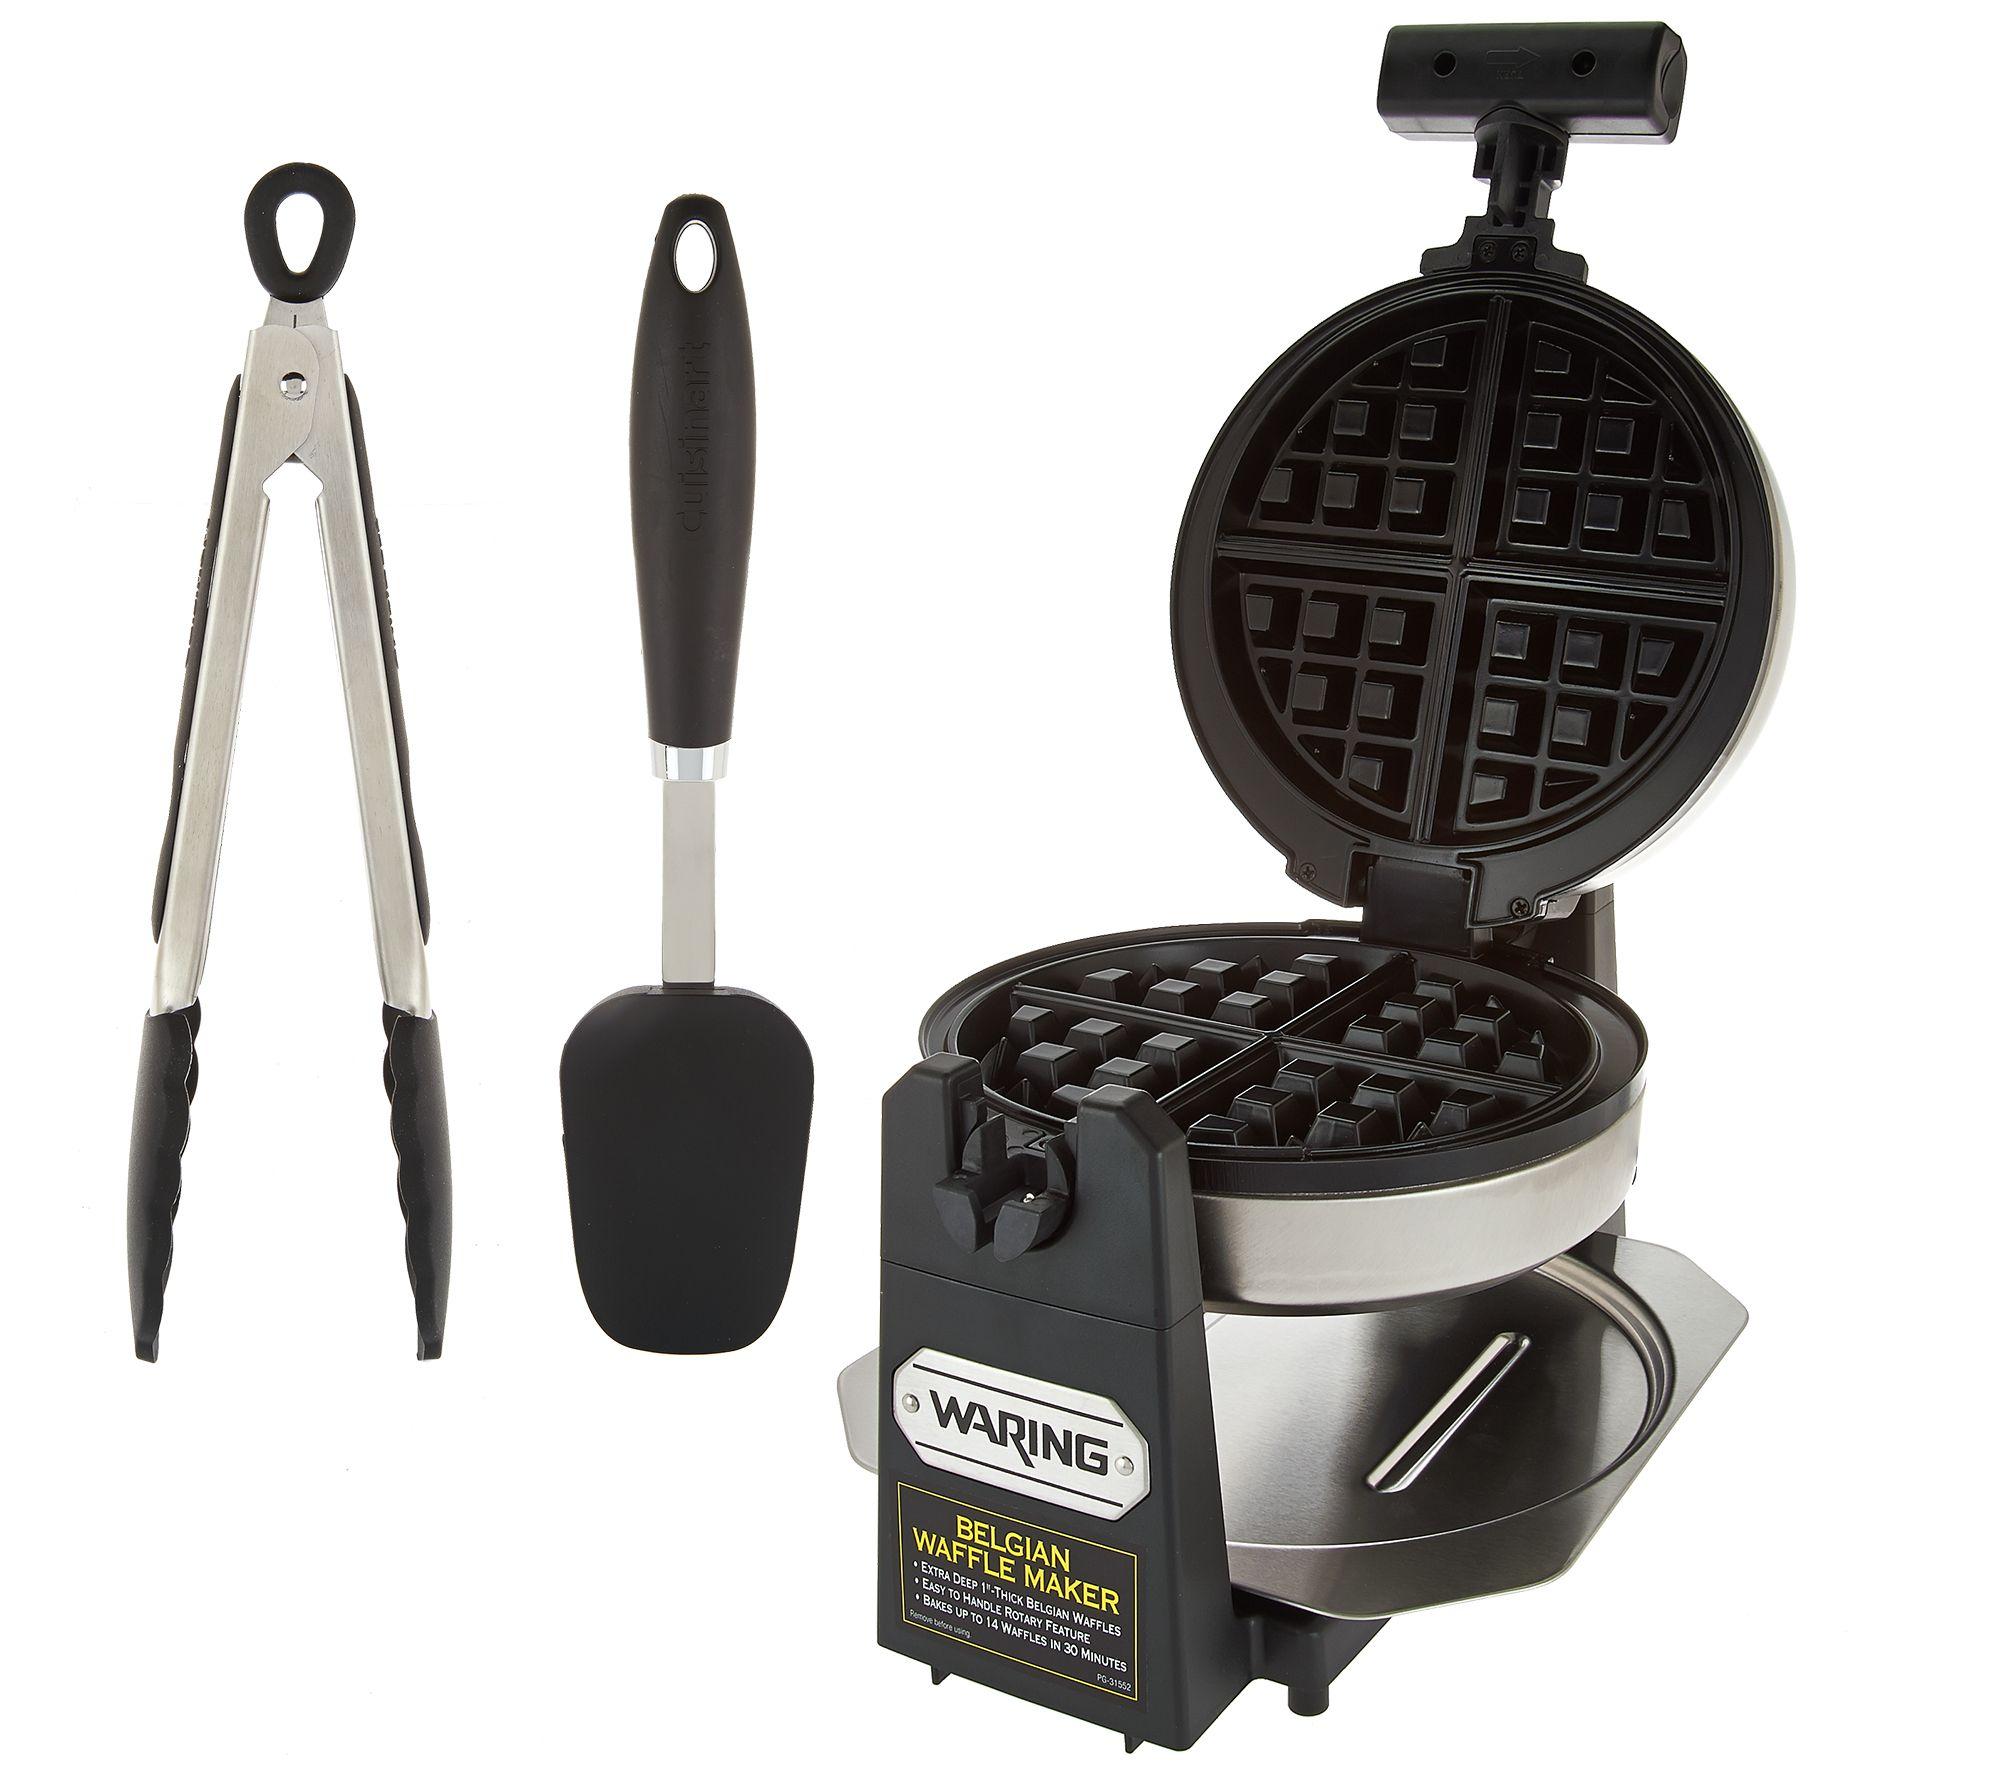 waring stainless steel belgian waffle maker with spatula u0026 tongs page 1 u2014 qvccom - Waring Pro Waffle Maker